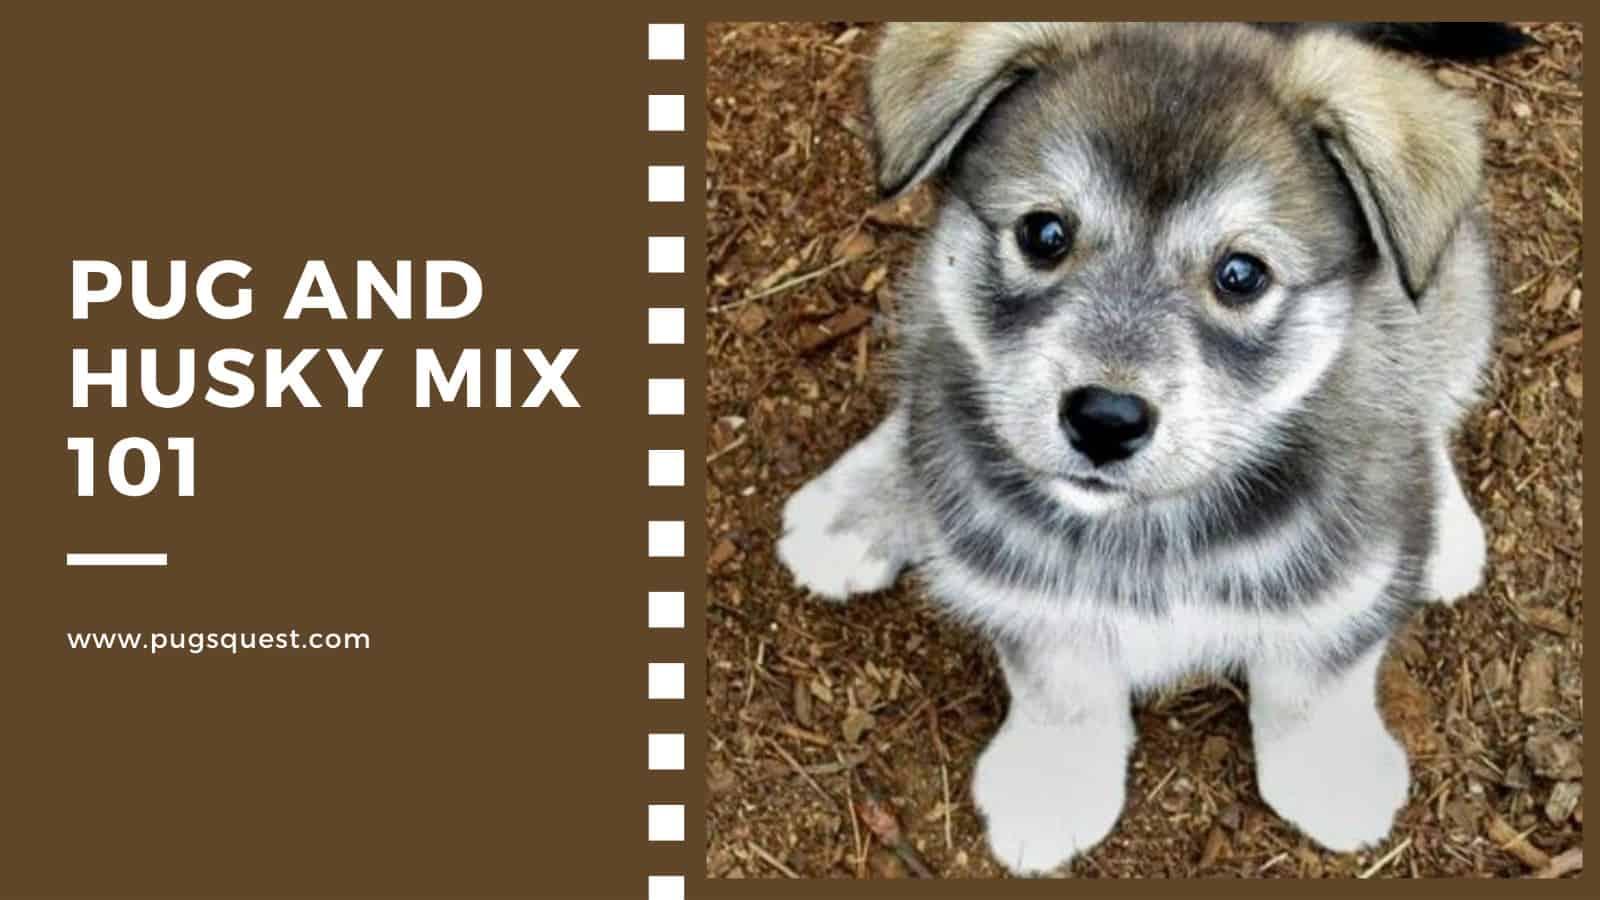 pug and husky mix